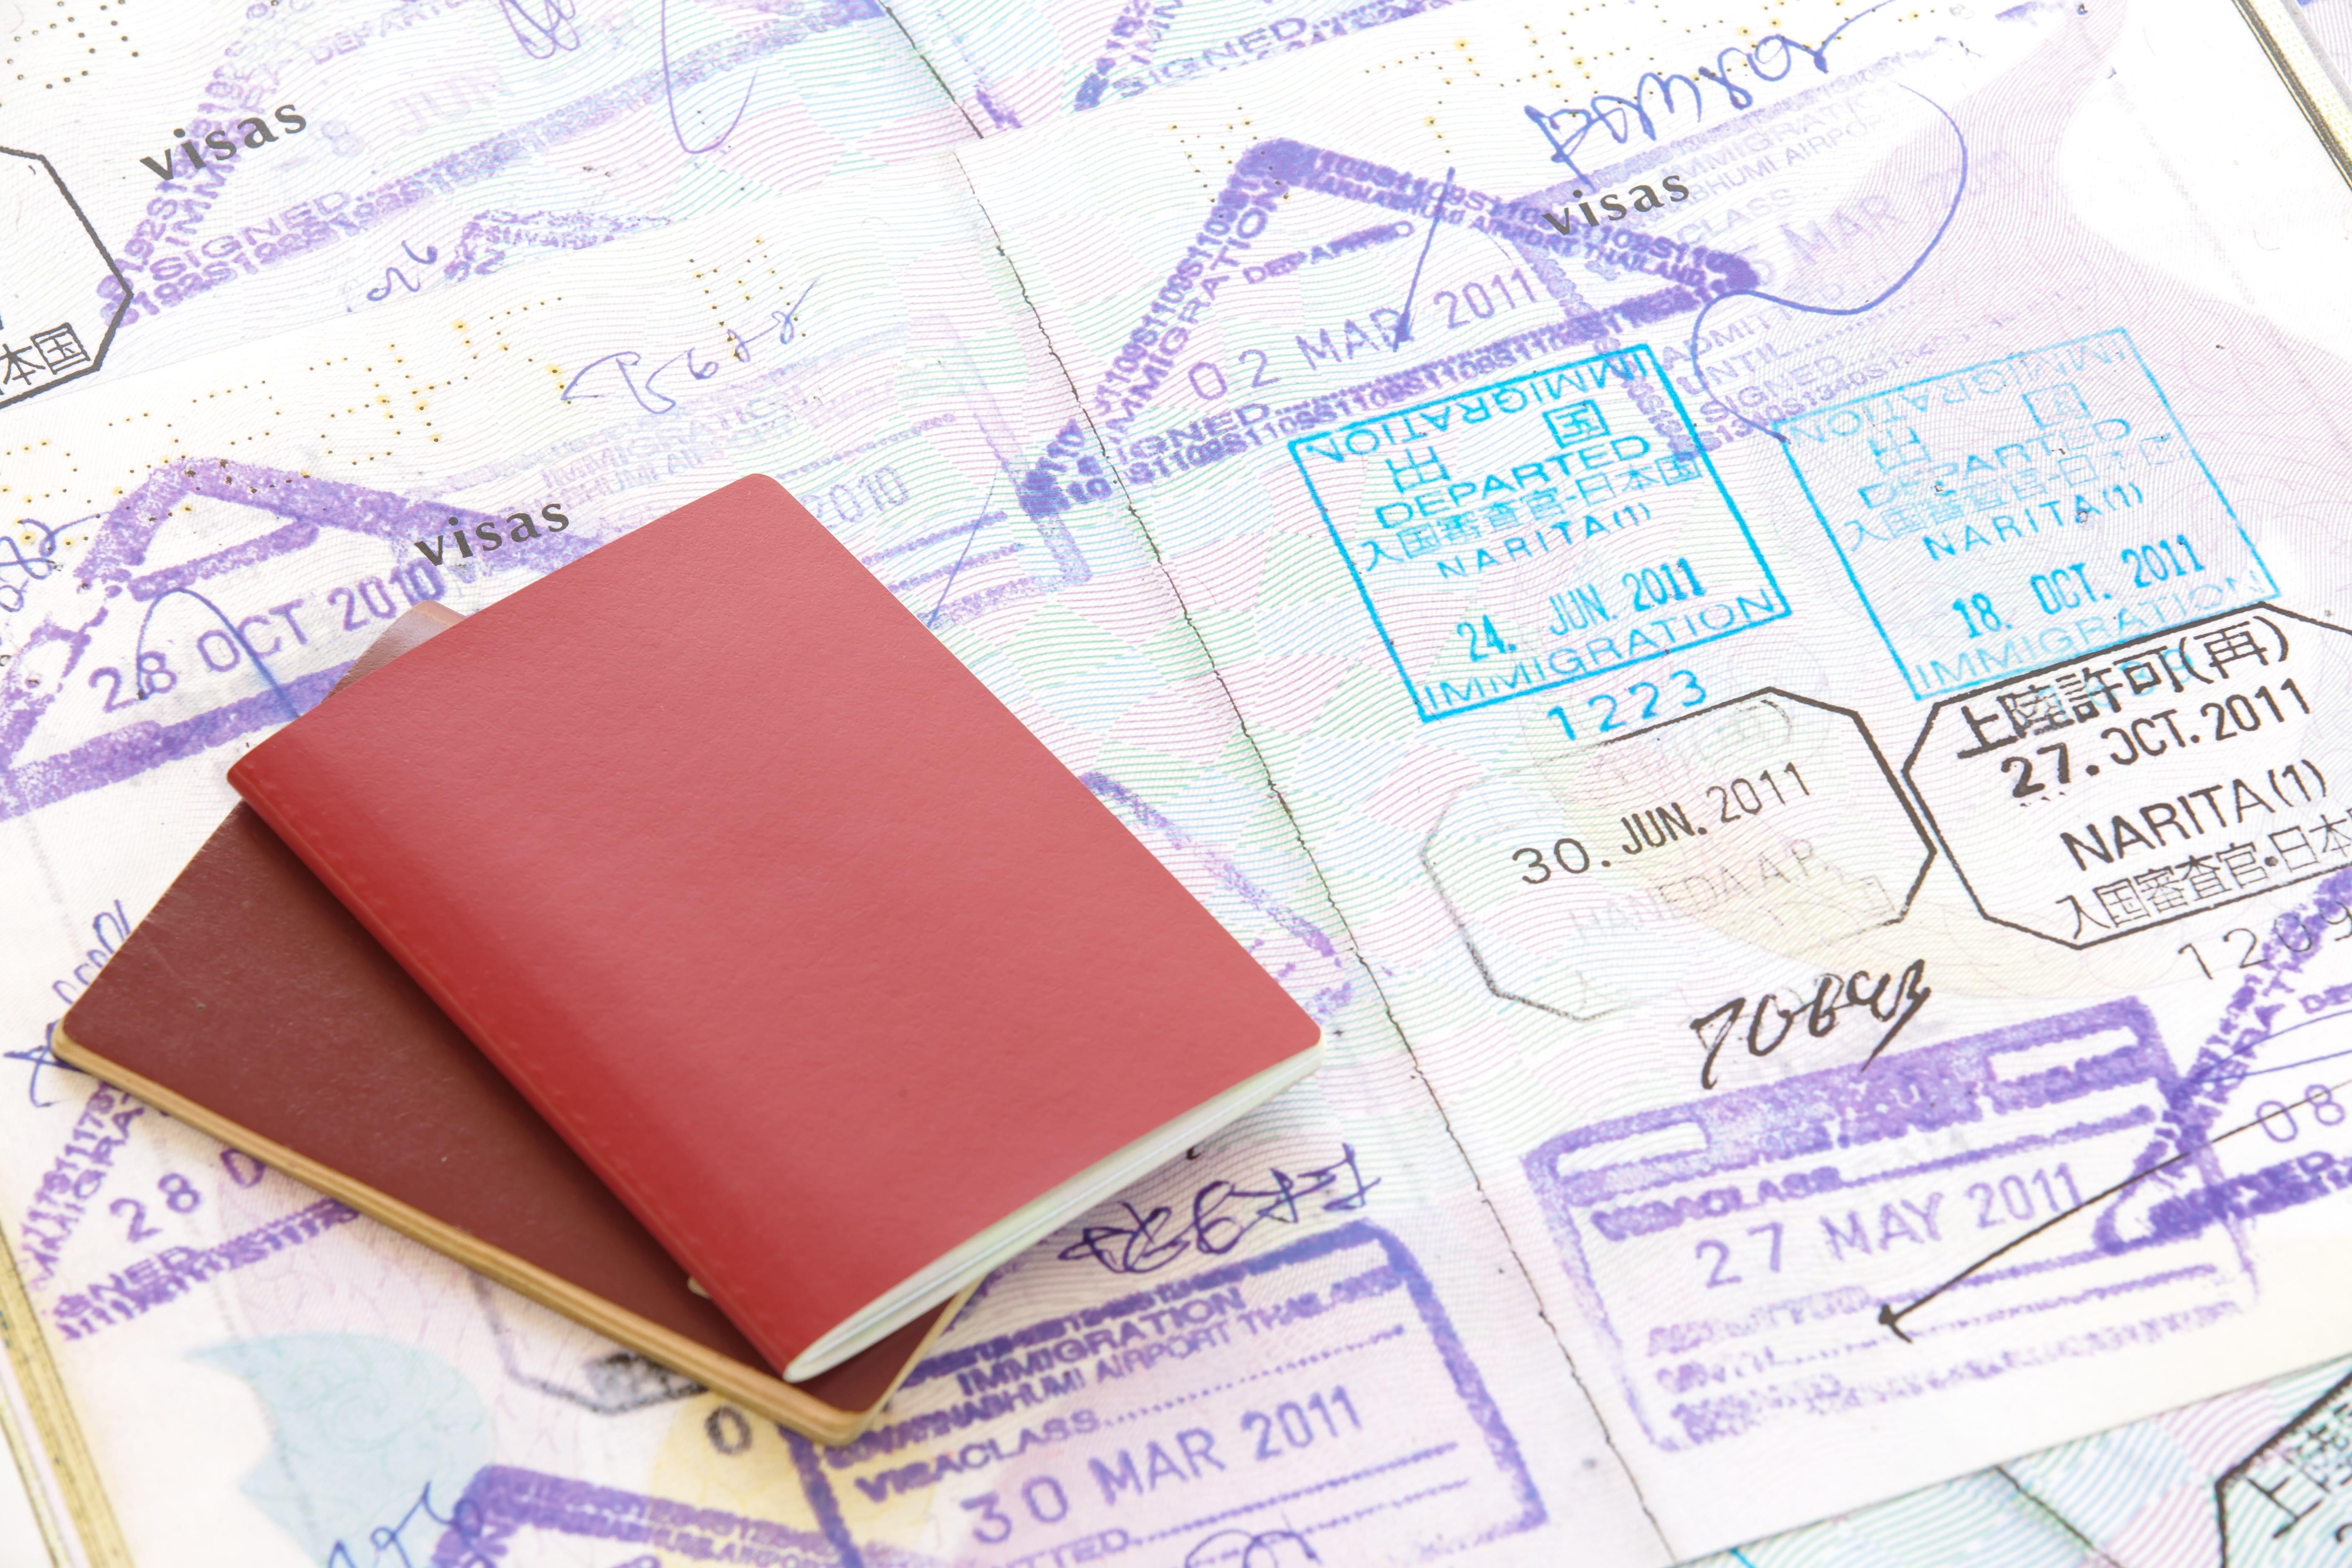 ビザスタンプとパスポート